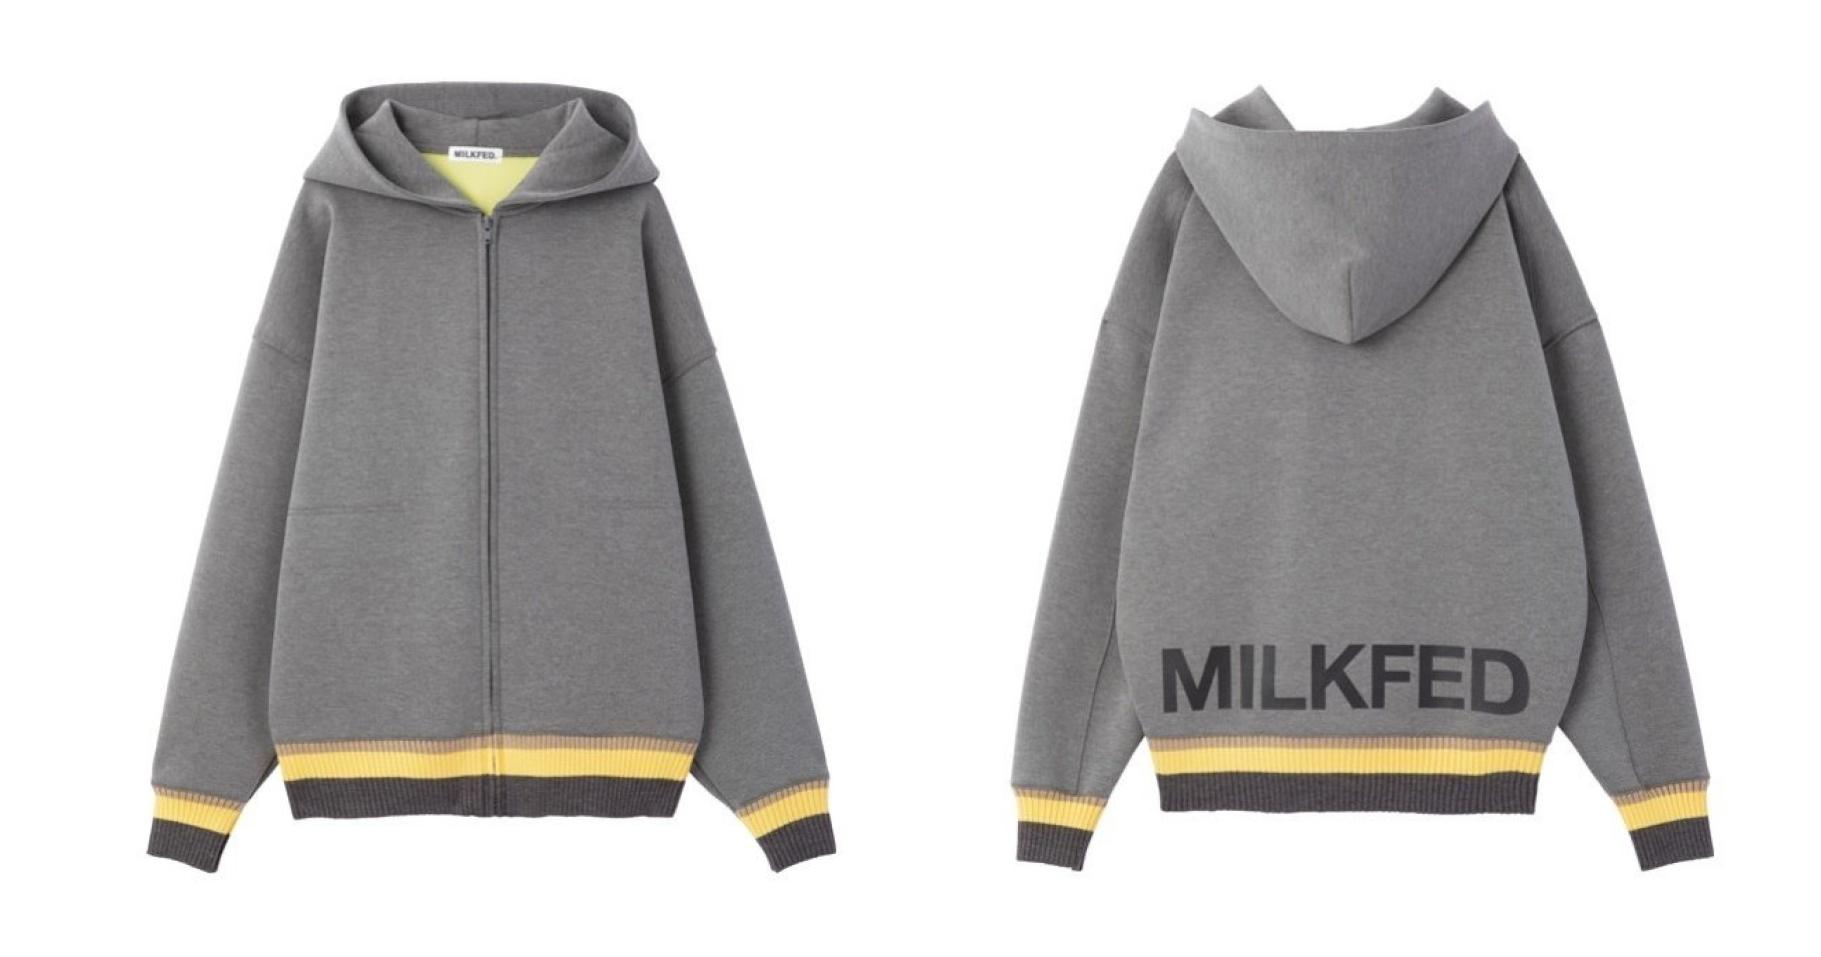 【MILKFED. (ミルクフェド)】バックスタイルの裾ロゴが可愛い!ユニセックスだから幅広い使い方ができるパーカー!